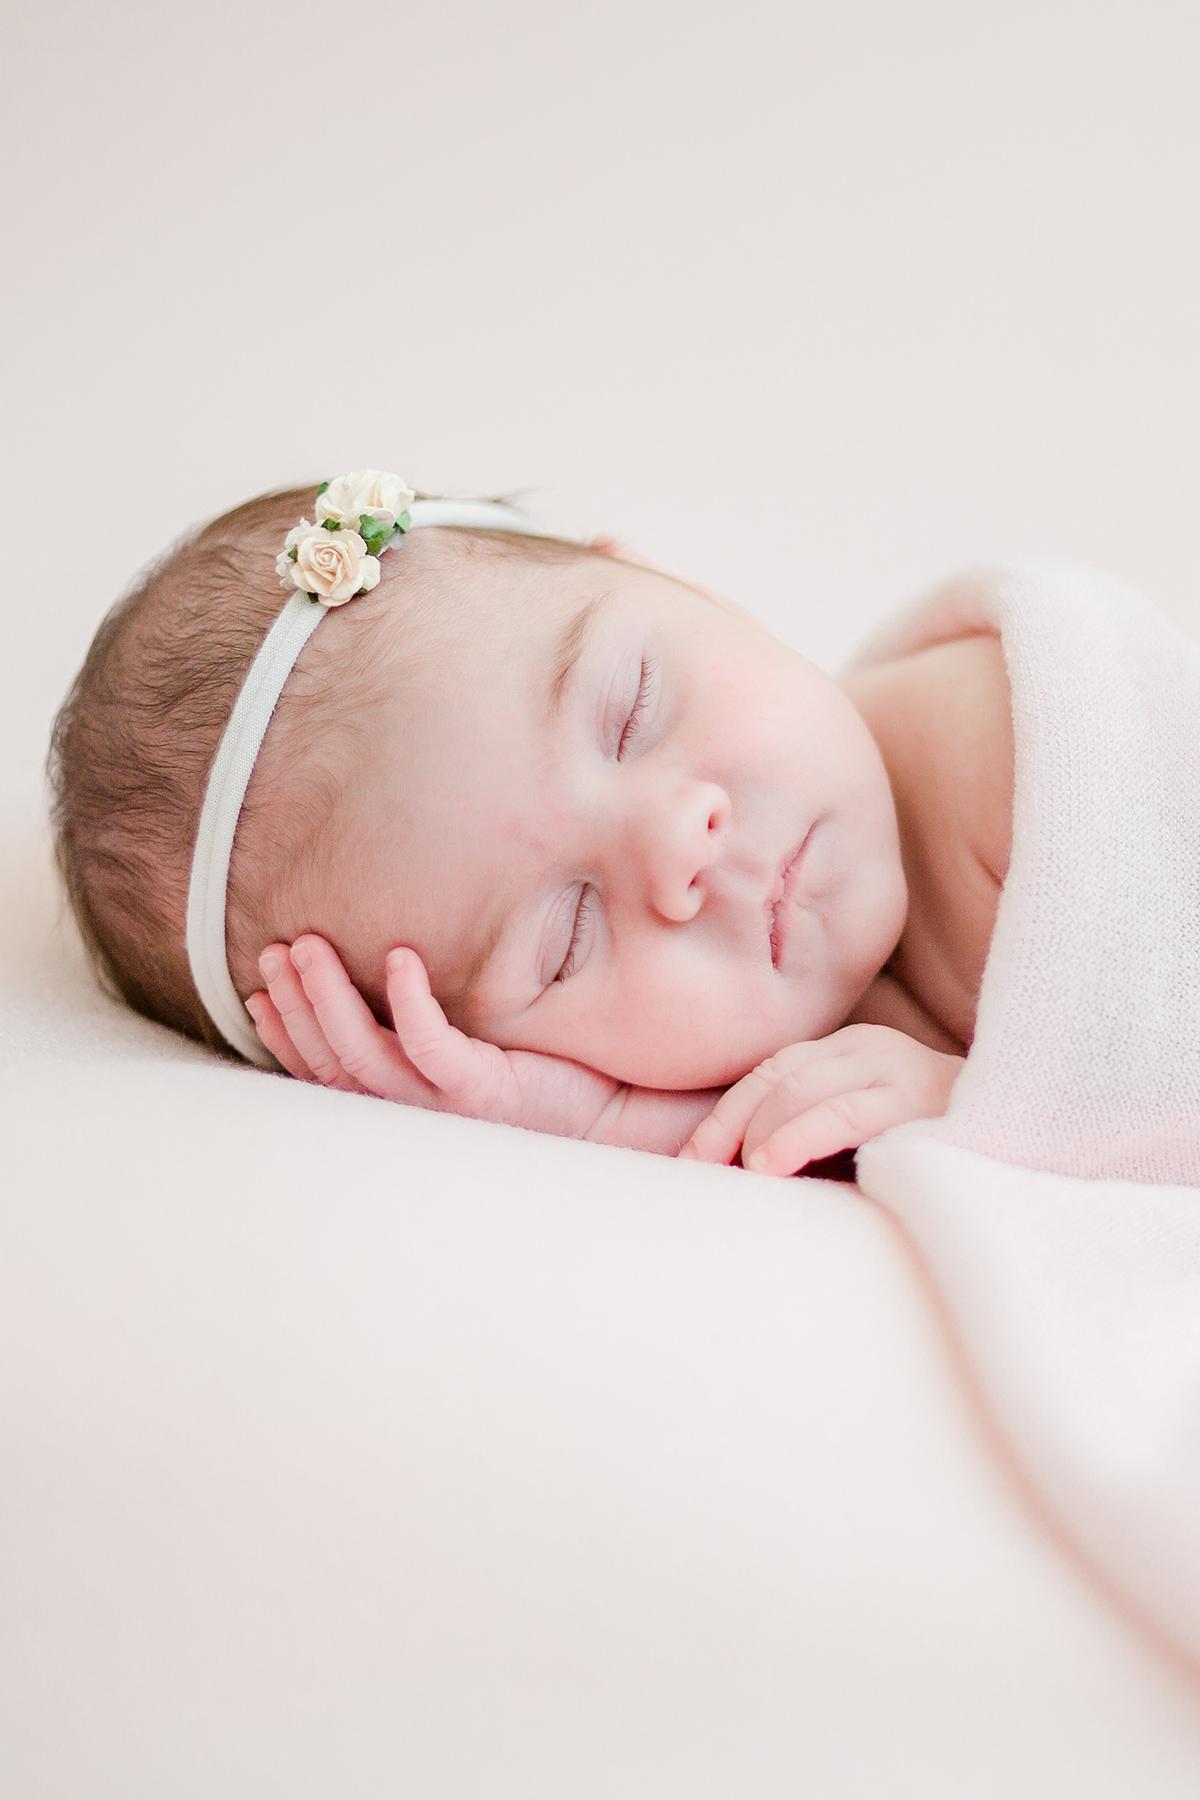 newborn baby girl asleep on her side head on hand under pink blanket